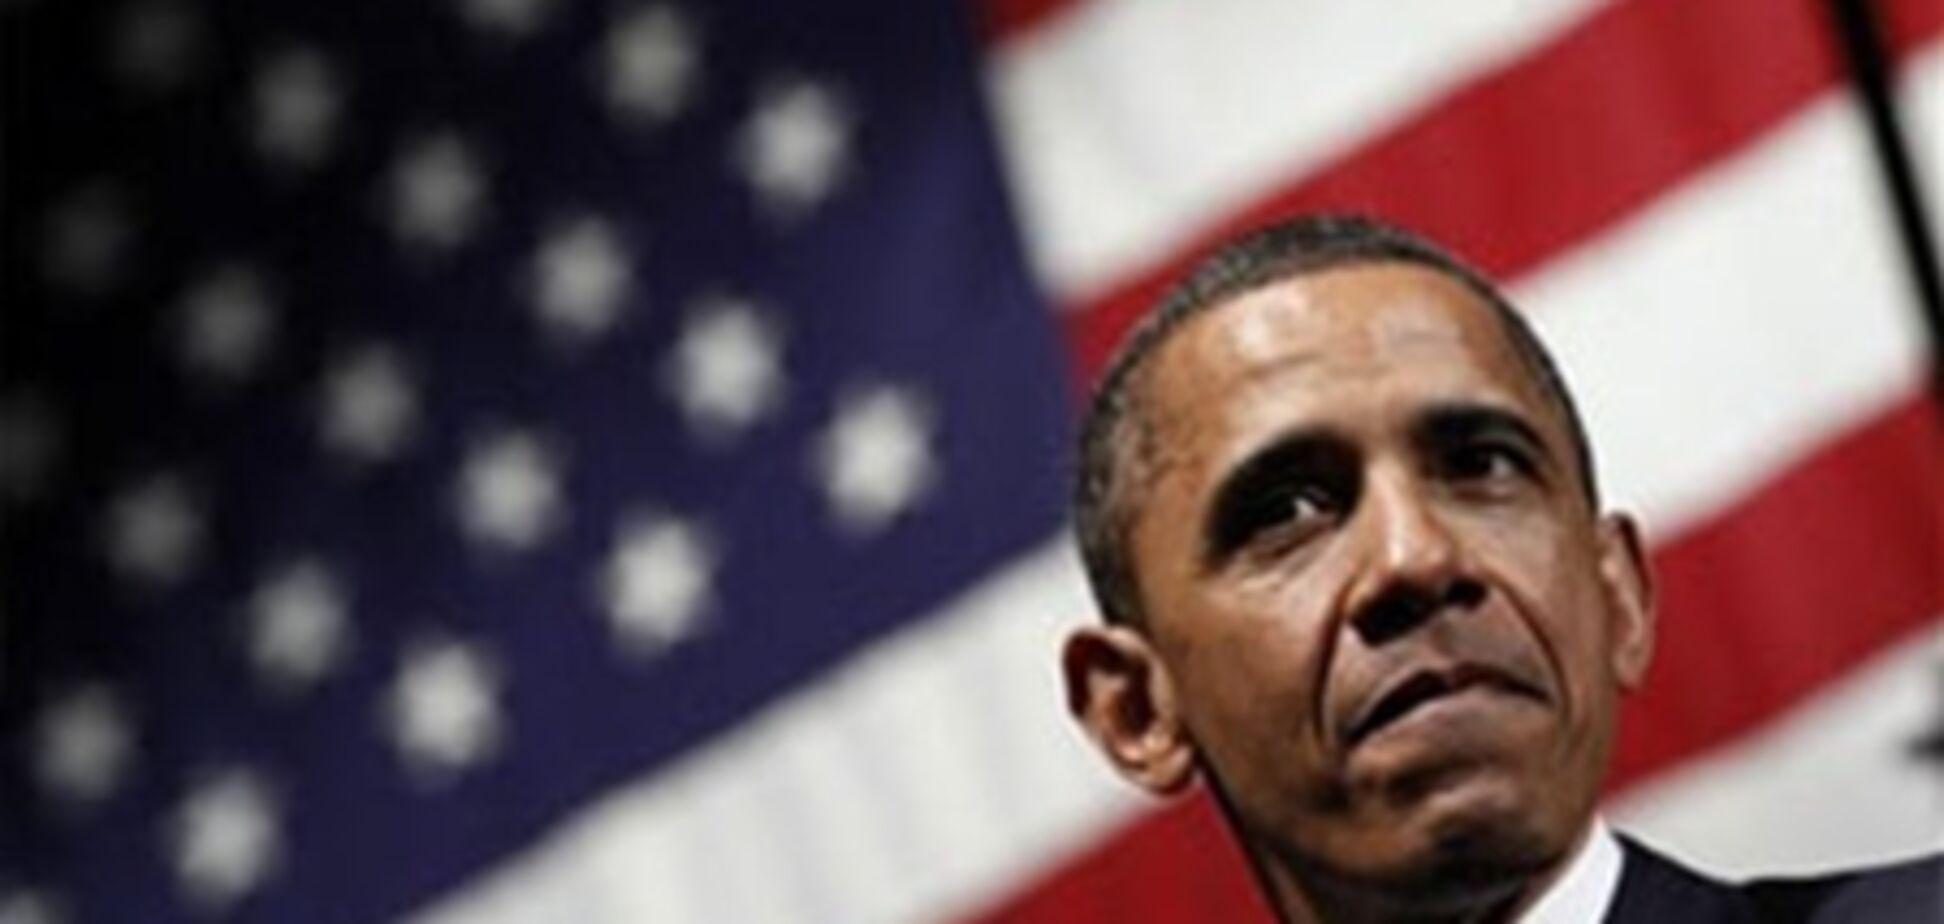 США ввели санкции против 'братвы' из СНГ